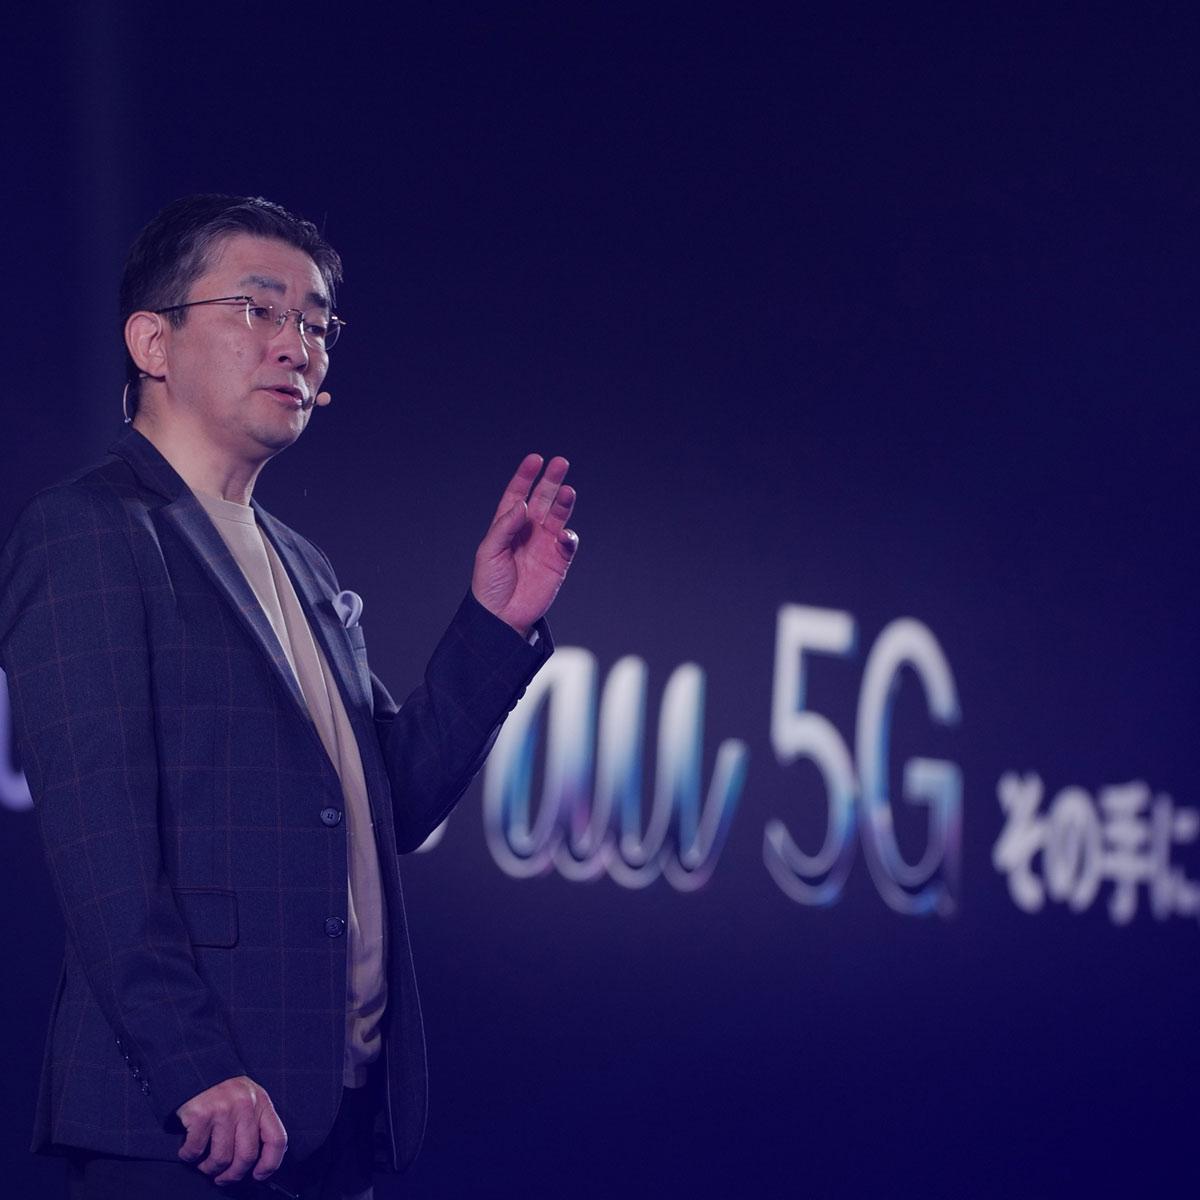 「au 5G」は3月26日開始。2年間は4Gと同額の5G向け料金4プランを発表